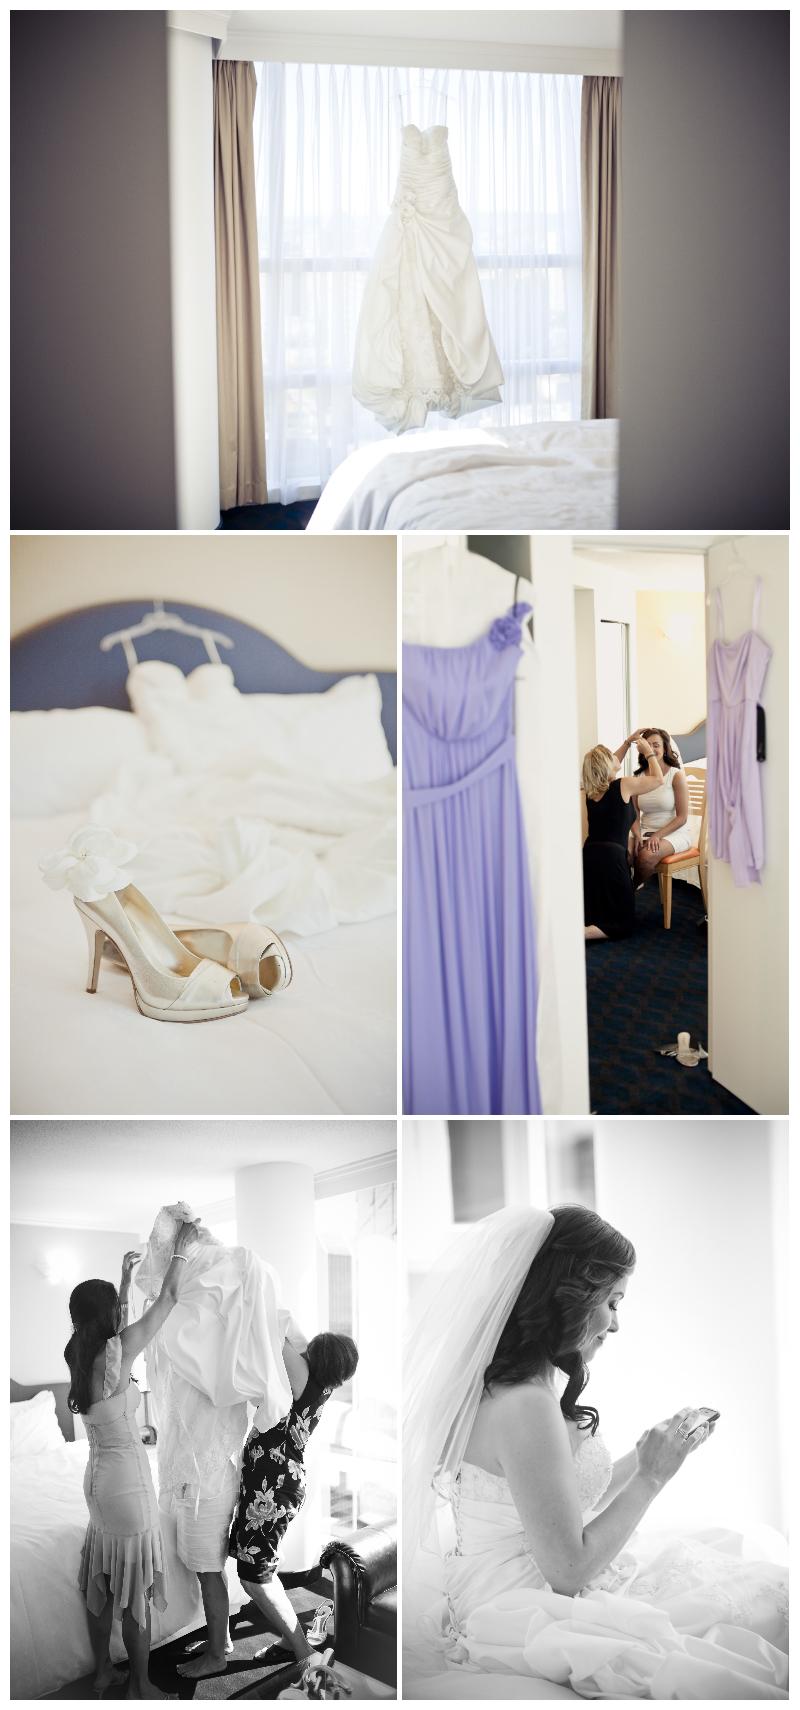 wall centre, bridal, getting ready, wedding dress